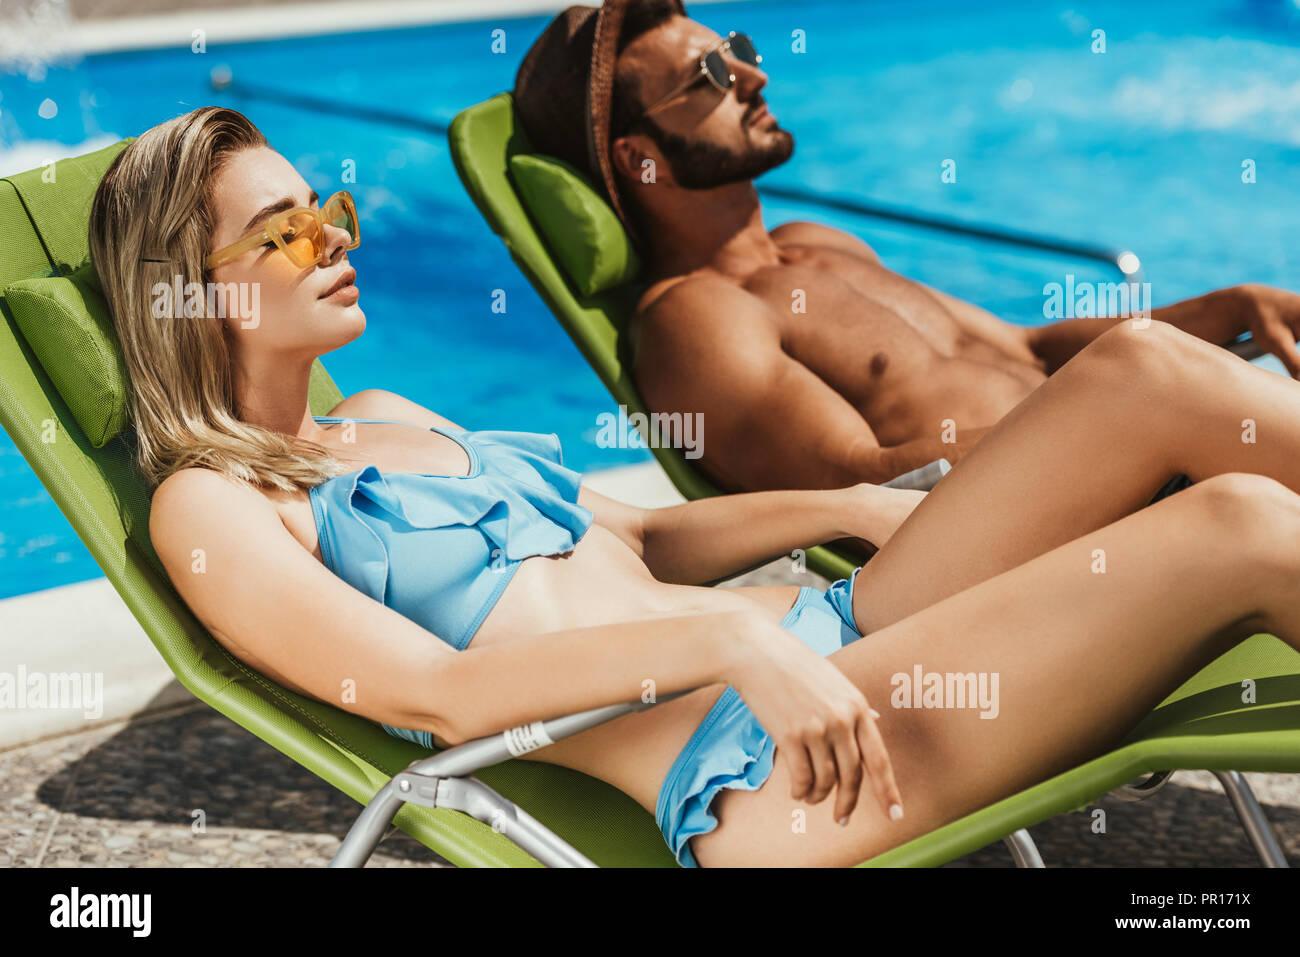 Bella coppia Giovane a prendere il sole sui lettini a bordo piscina Immagini Stock